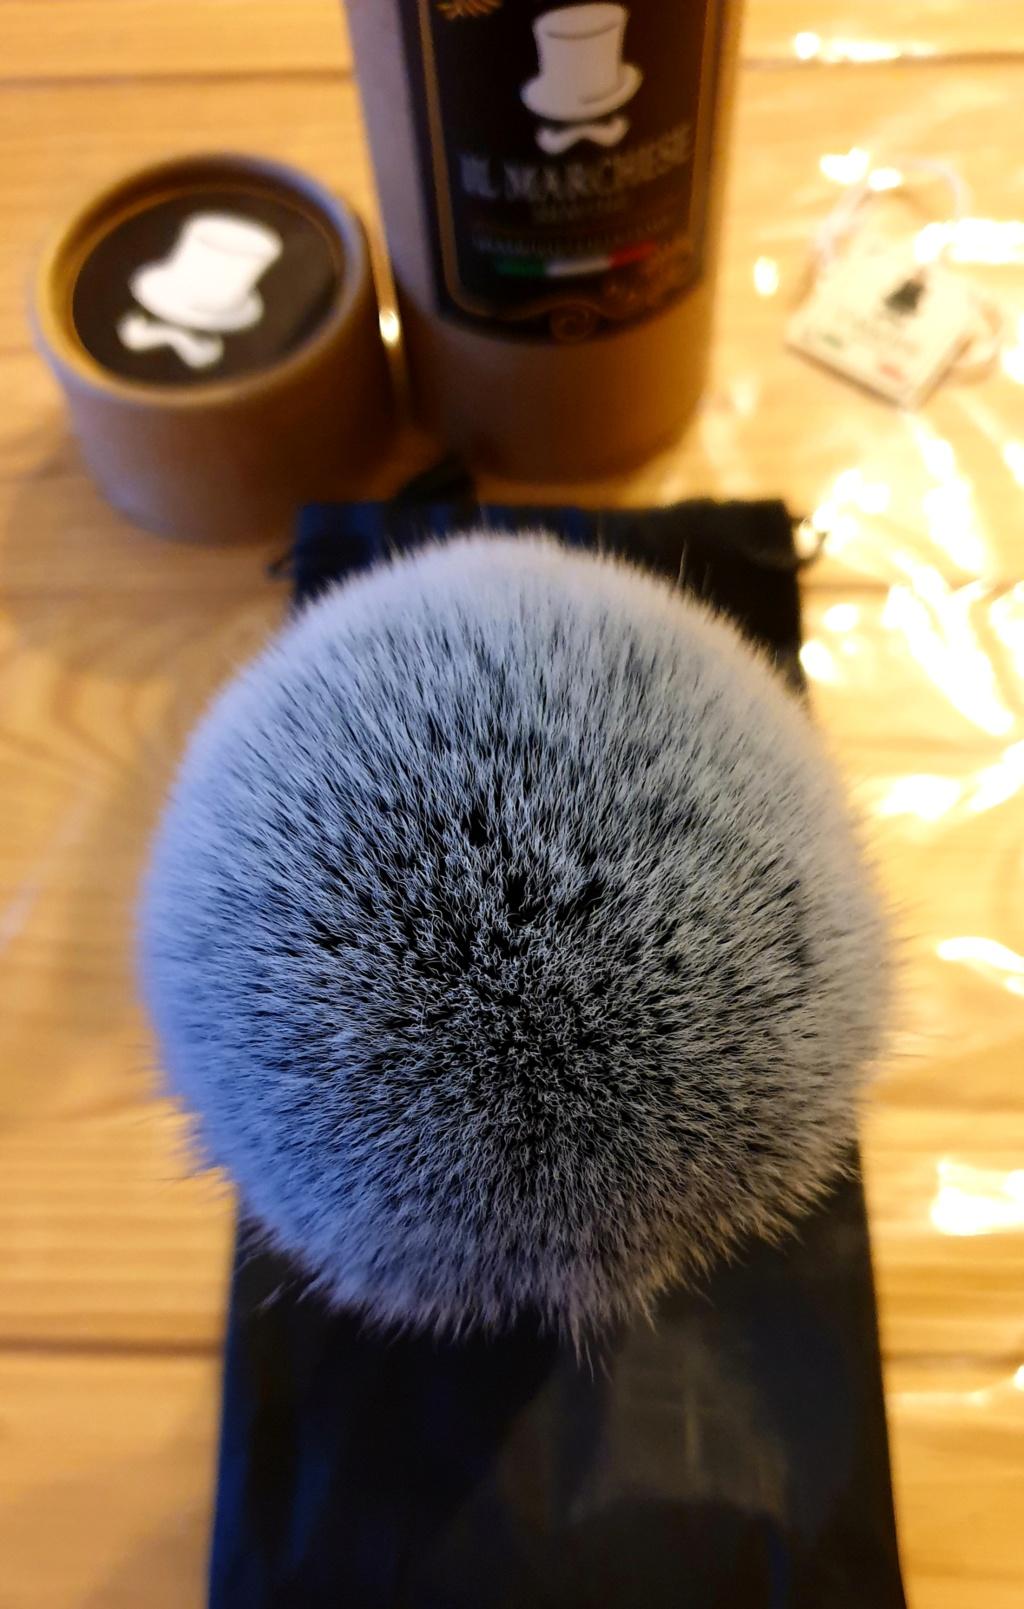 Blaireau Il Marchese shaving 20191030